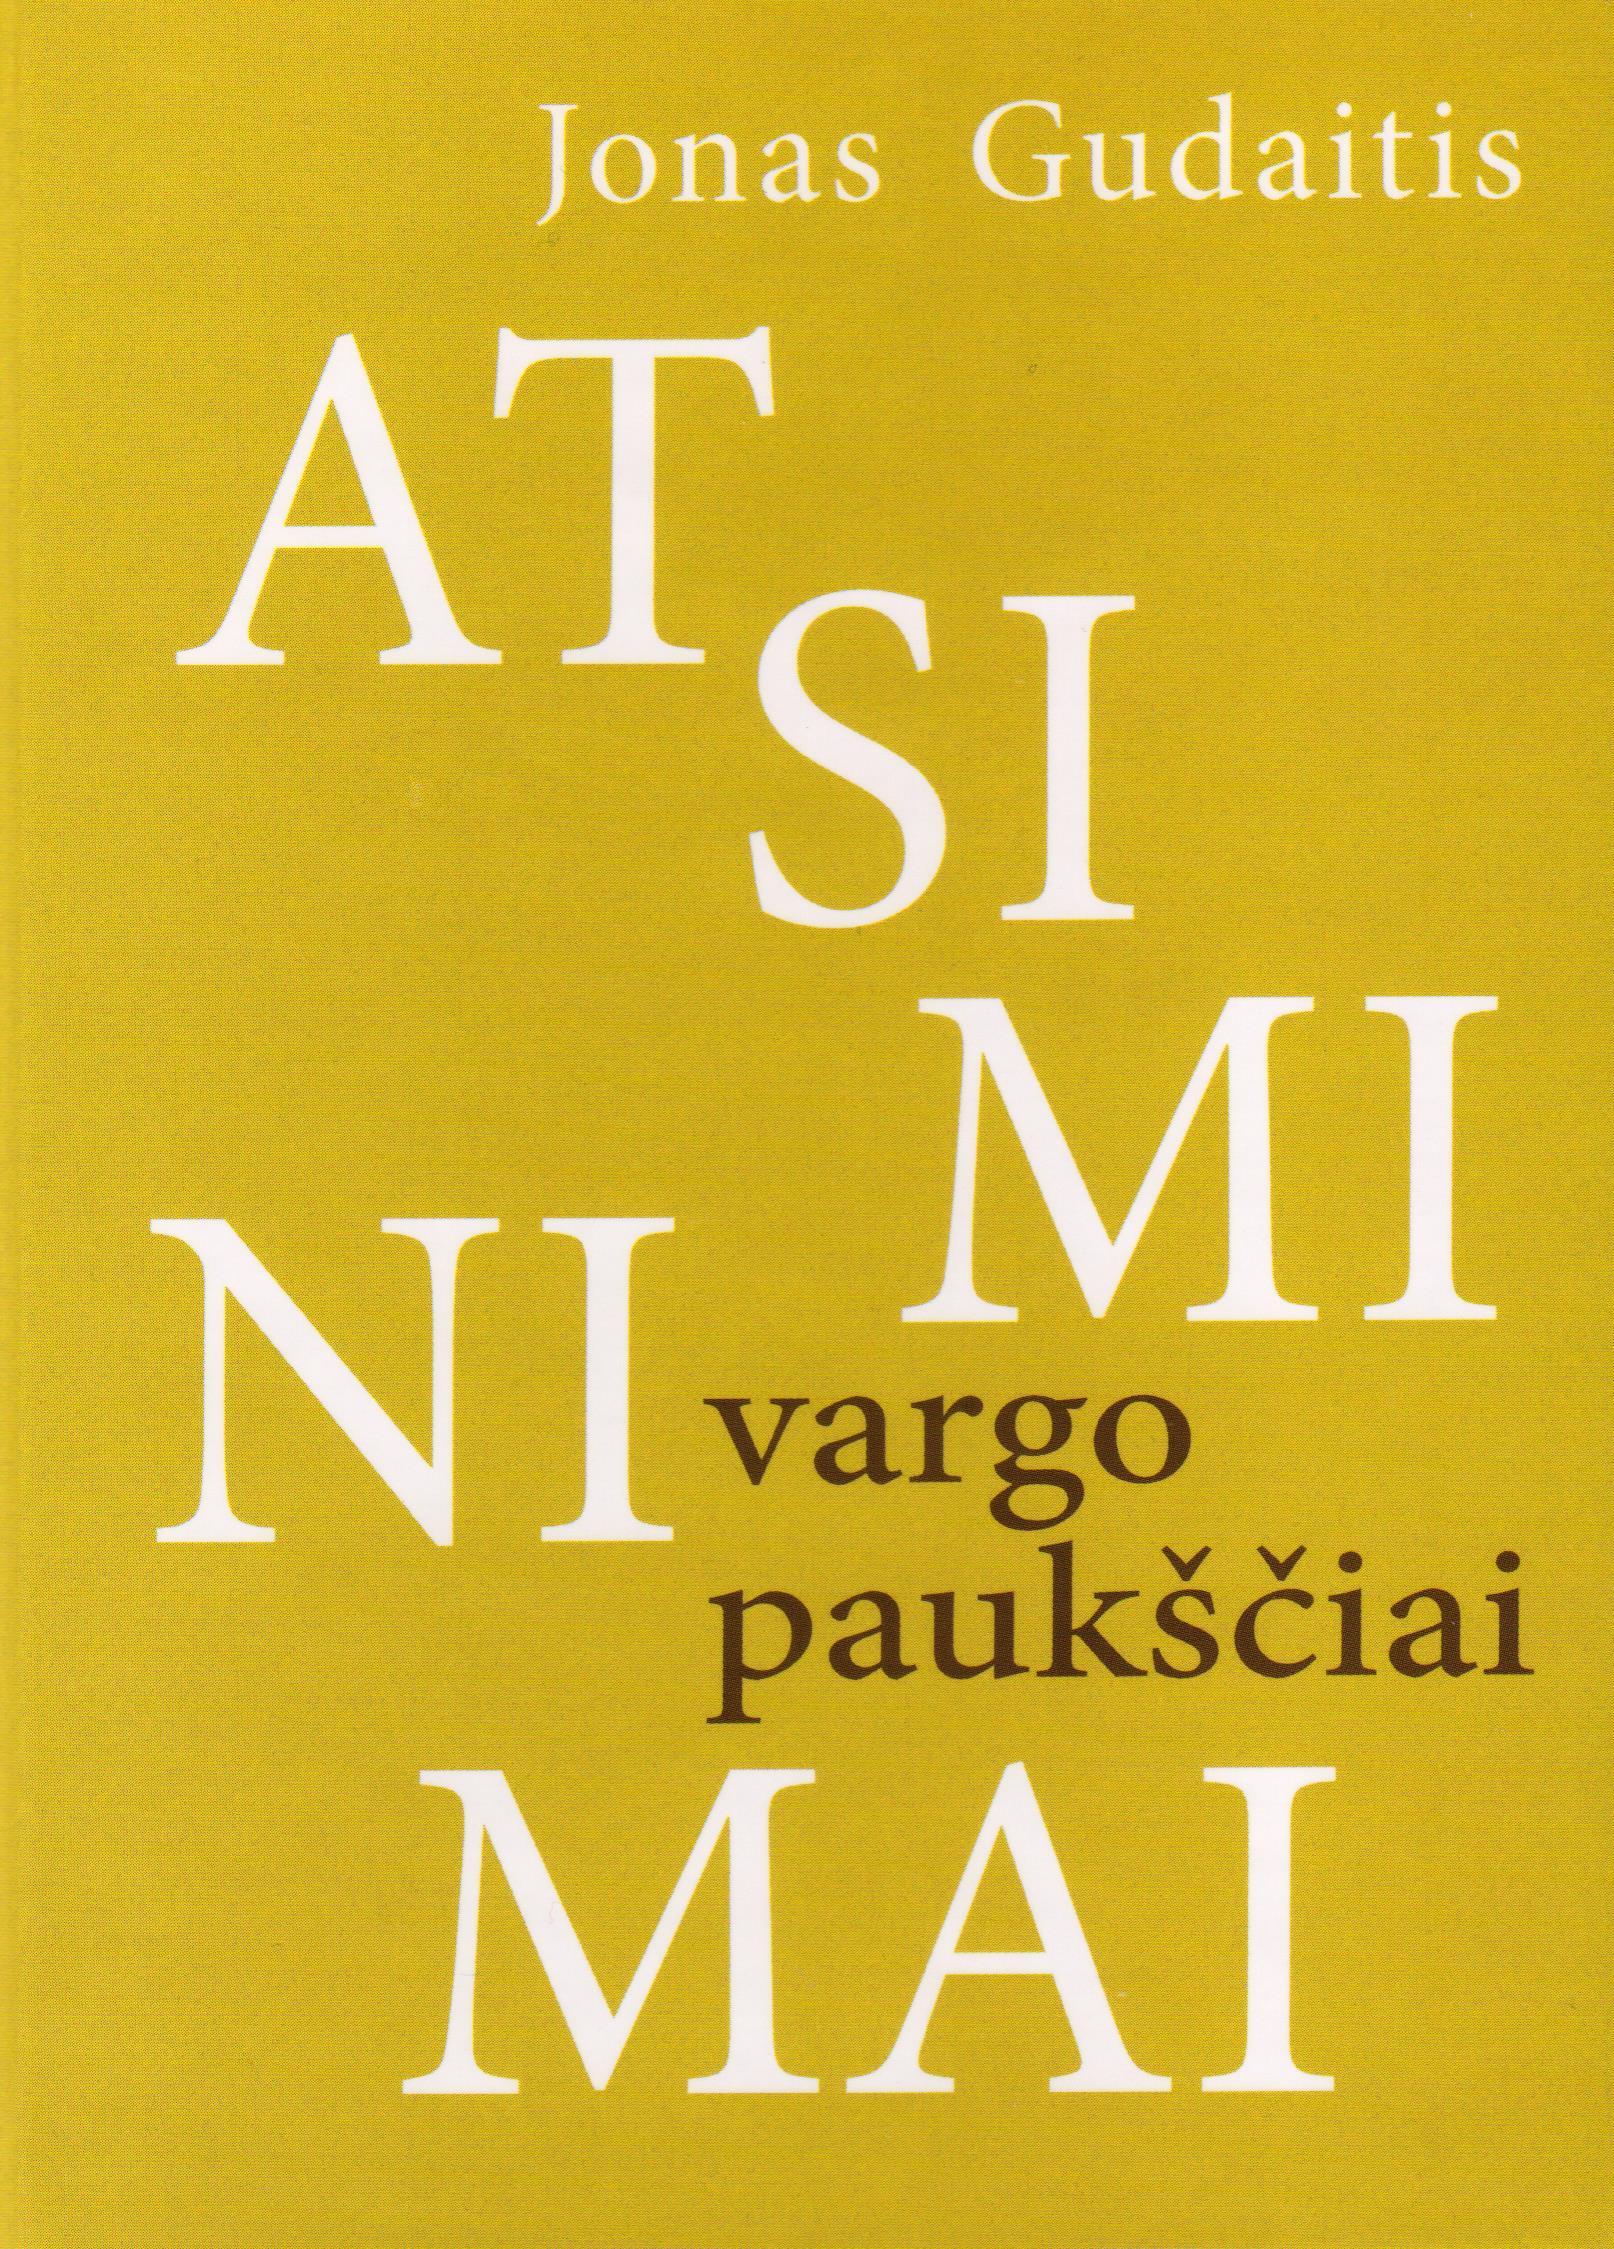 """Jonas Gudaitis """"Vargo paukščiai. Atsiminimai"""". Parengė Leonas Gudaitis (Kaunas: Naujasis lankas, 2013)"""